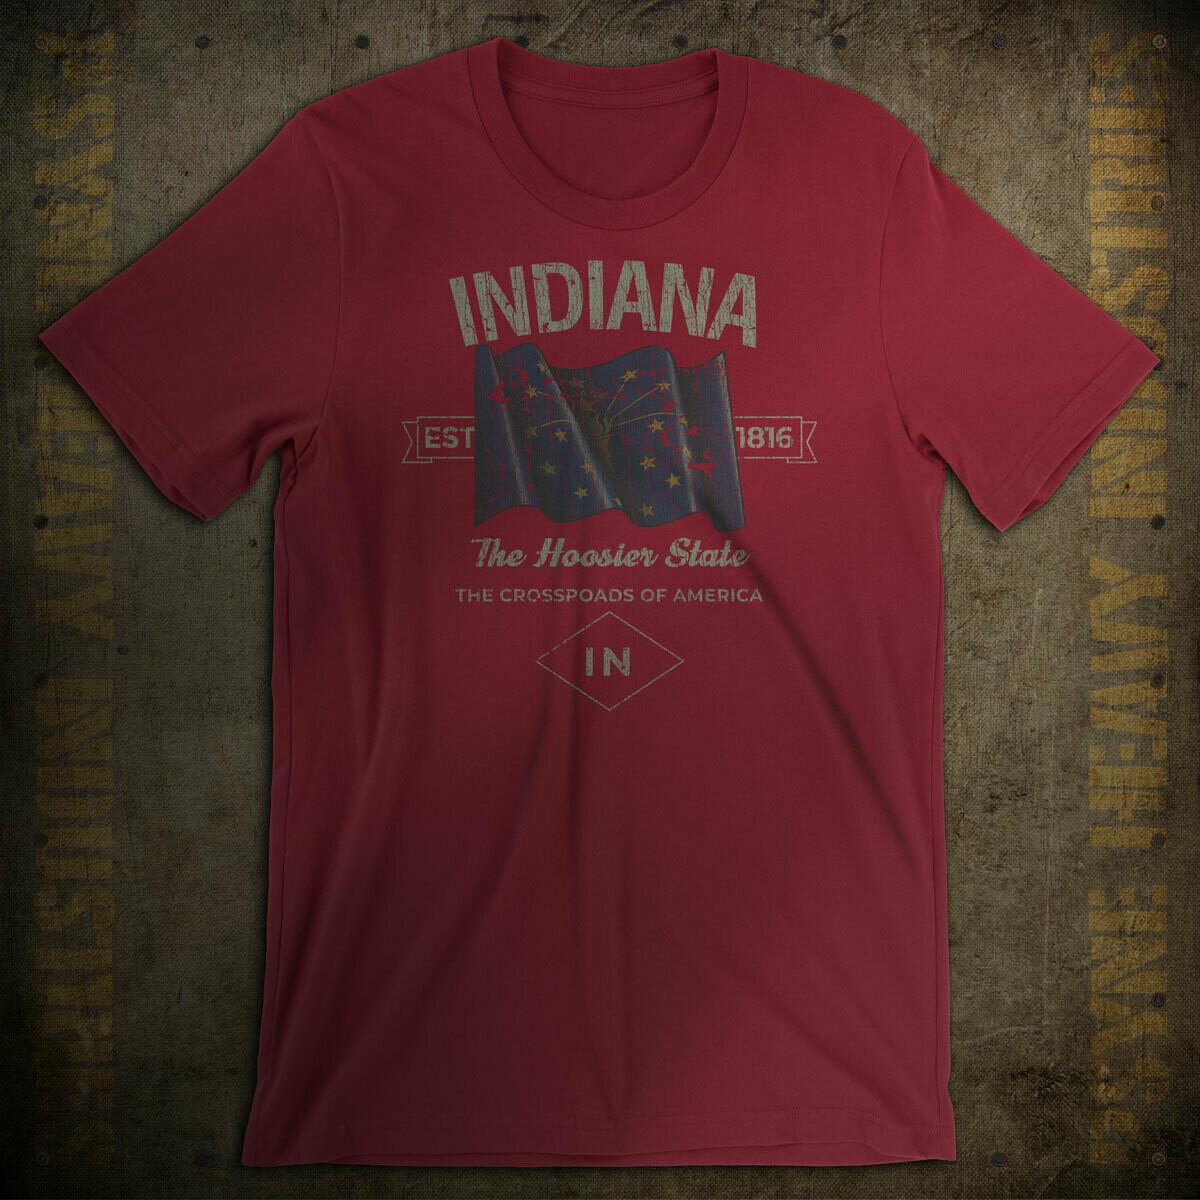 Indiana Hoosiers 1816 Vintage T-Shirt